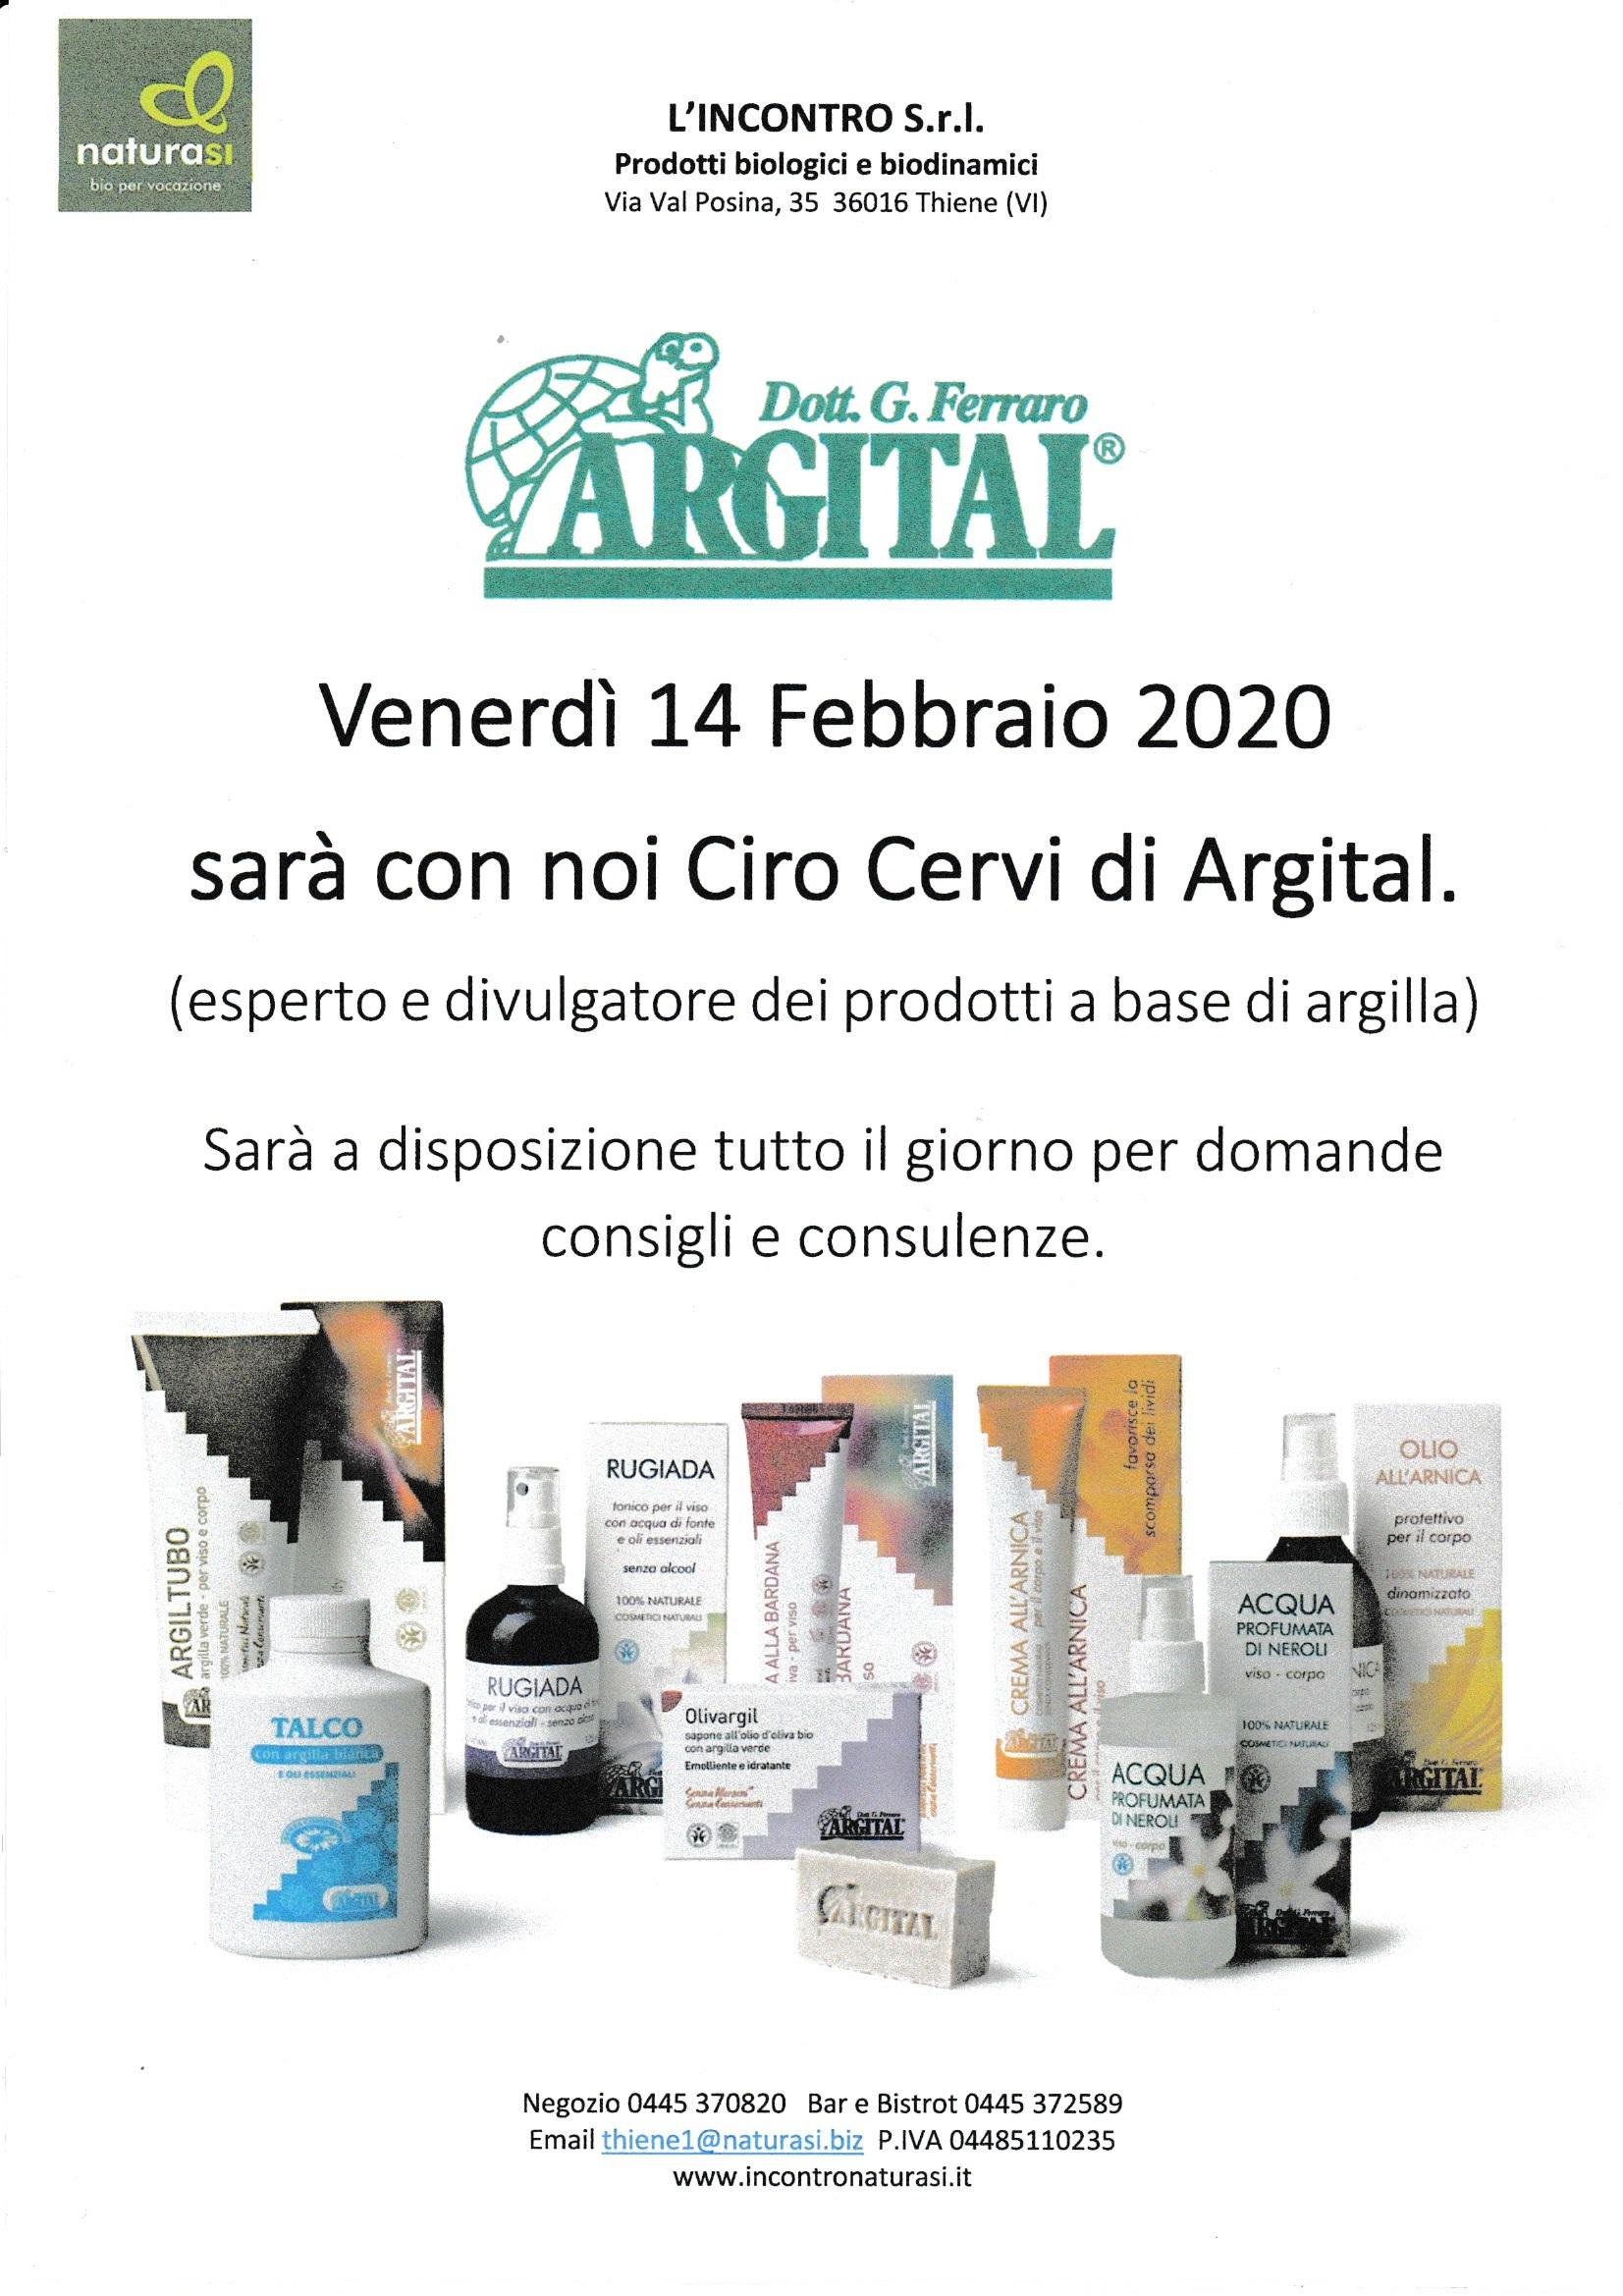 Giornata Argital… con Ciro Cervi